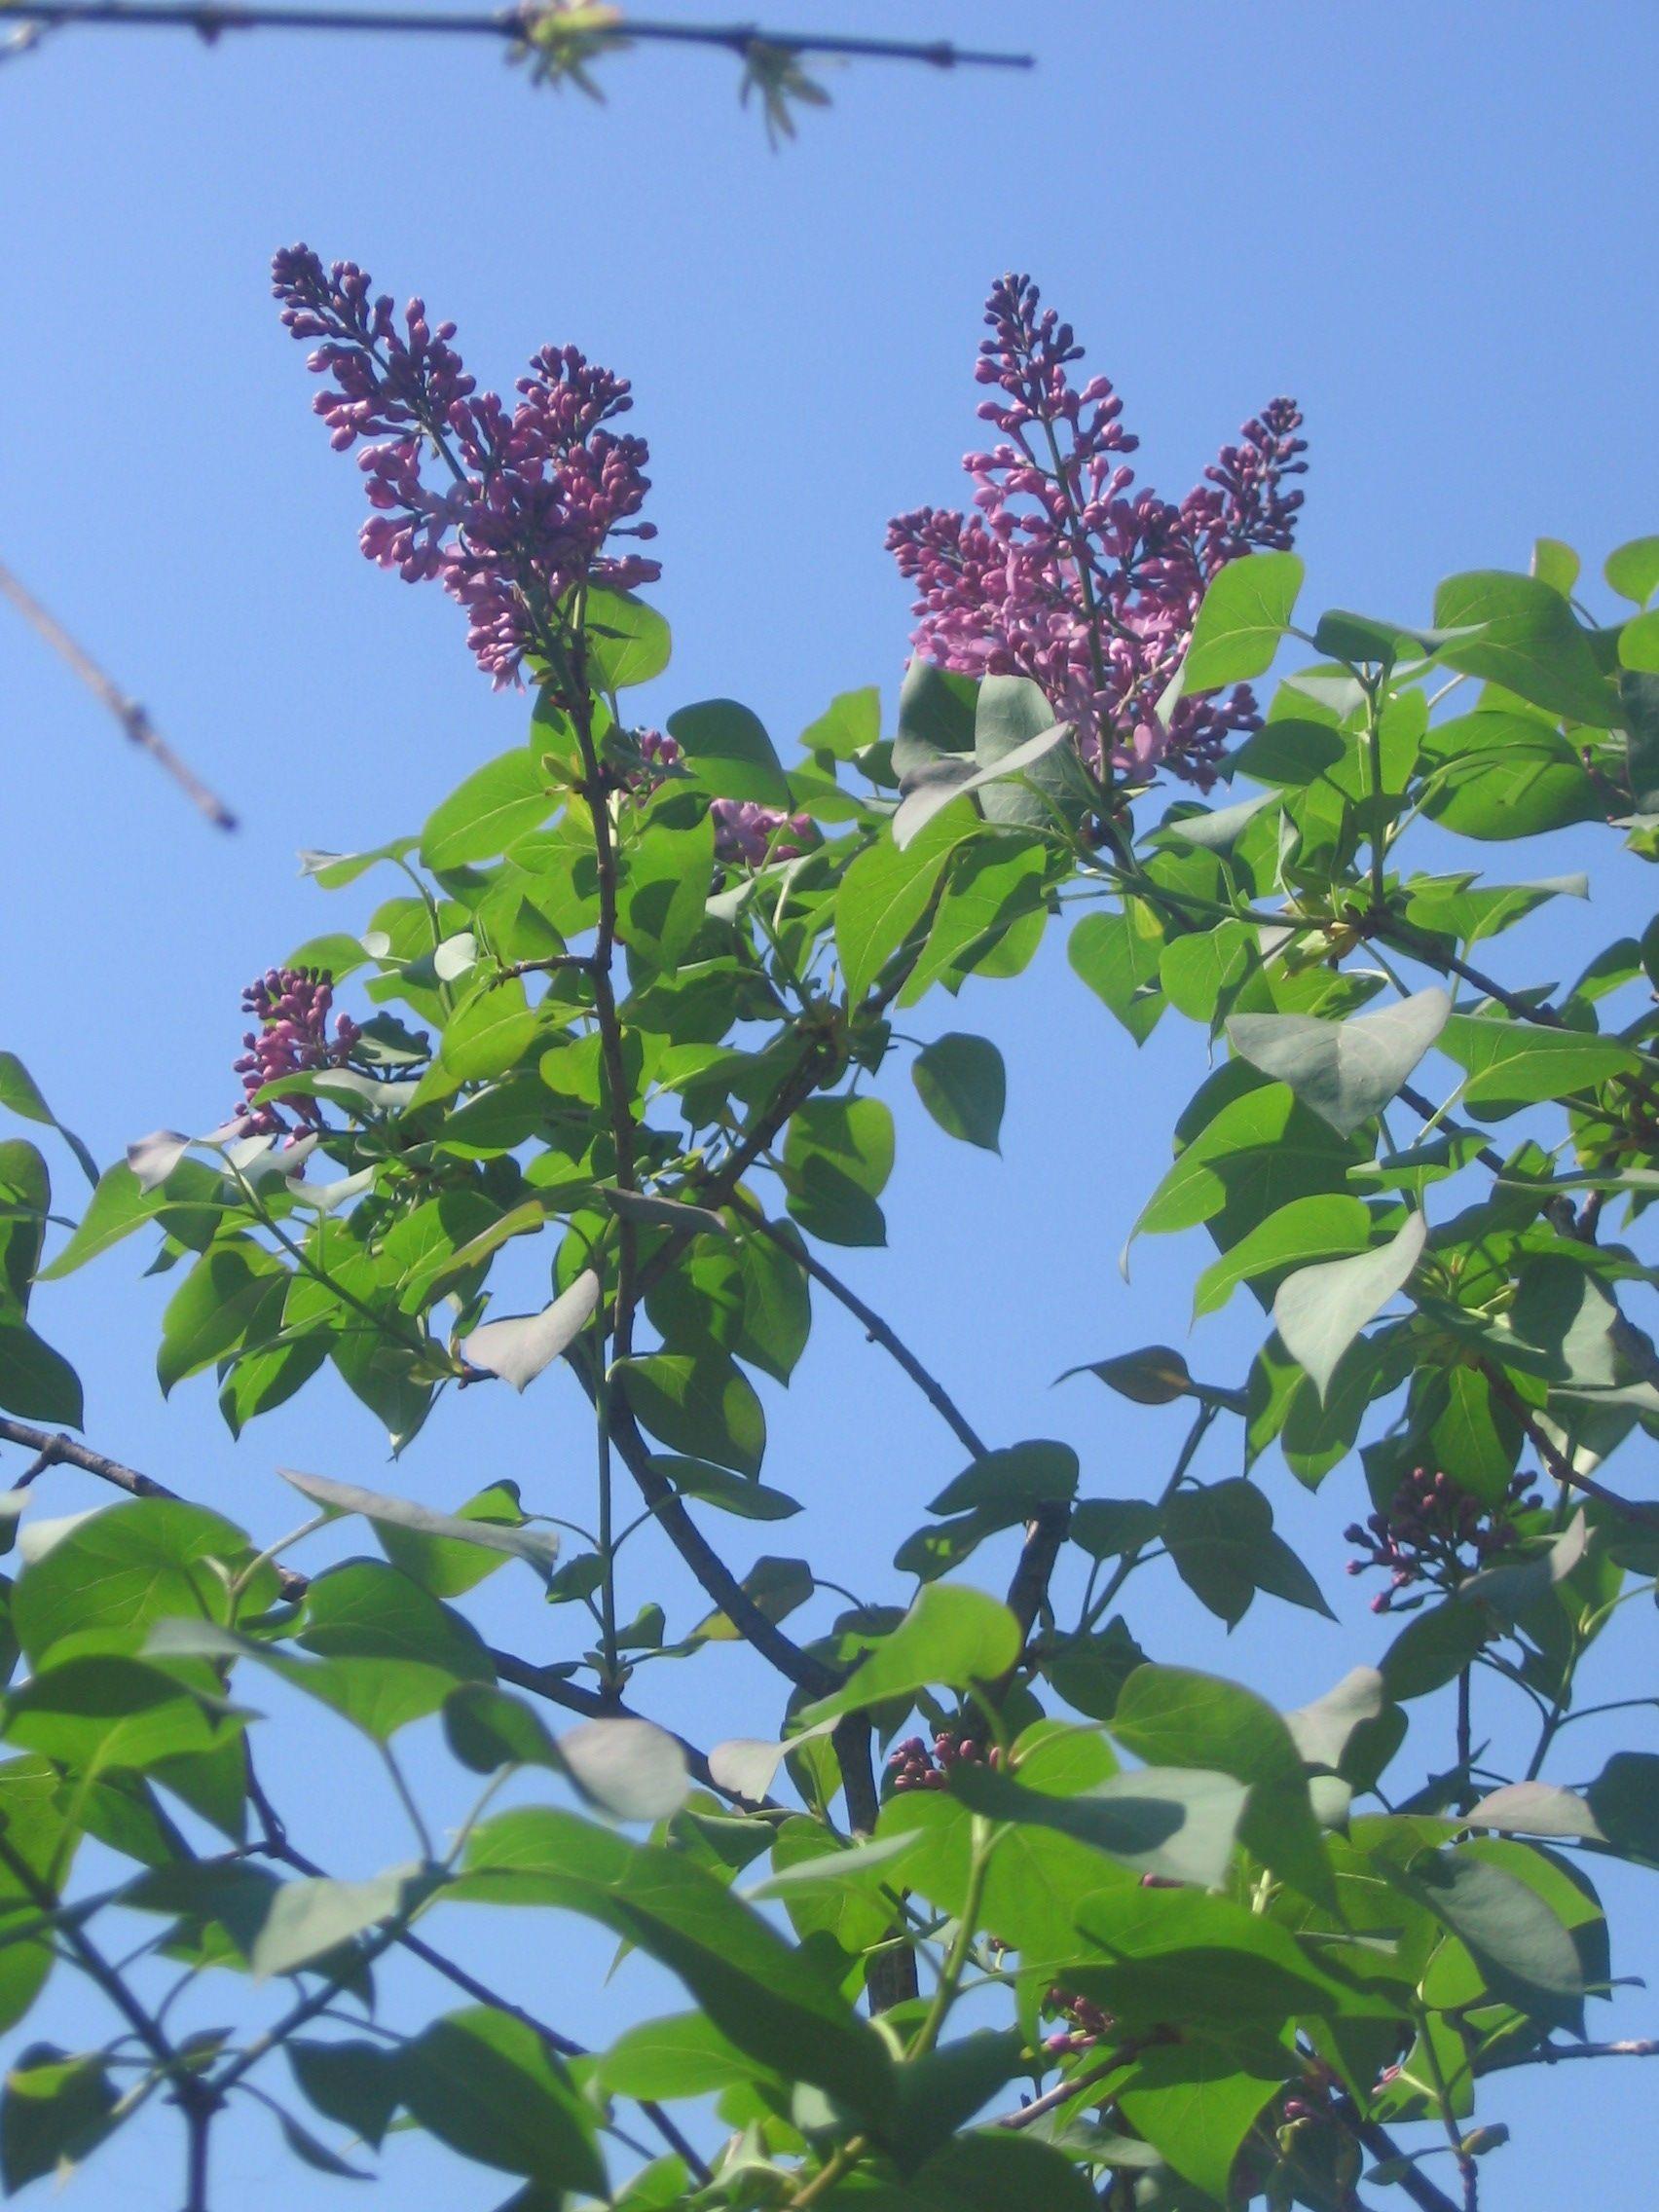 Albero Di Lillà albero di lilla' (con immagini) | fiori, piante, lilla